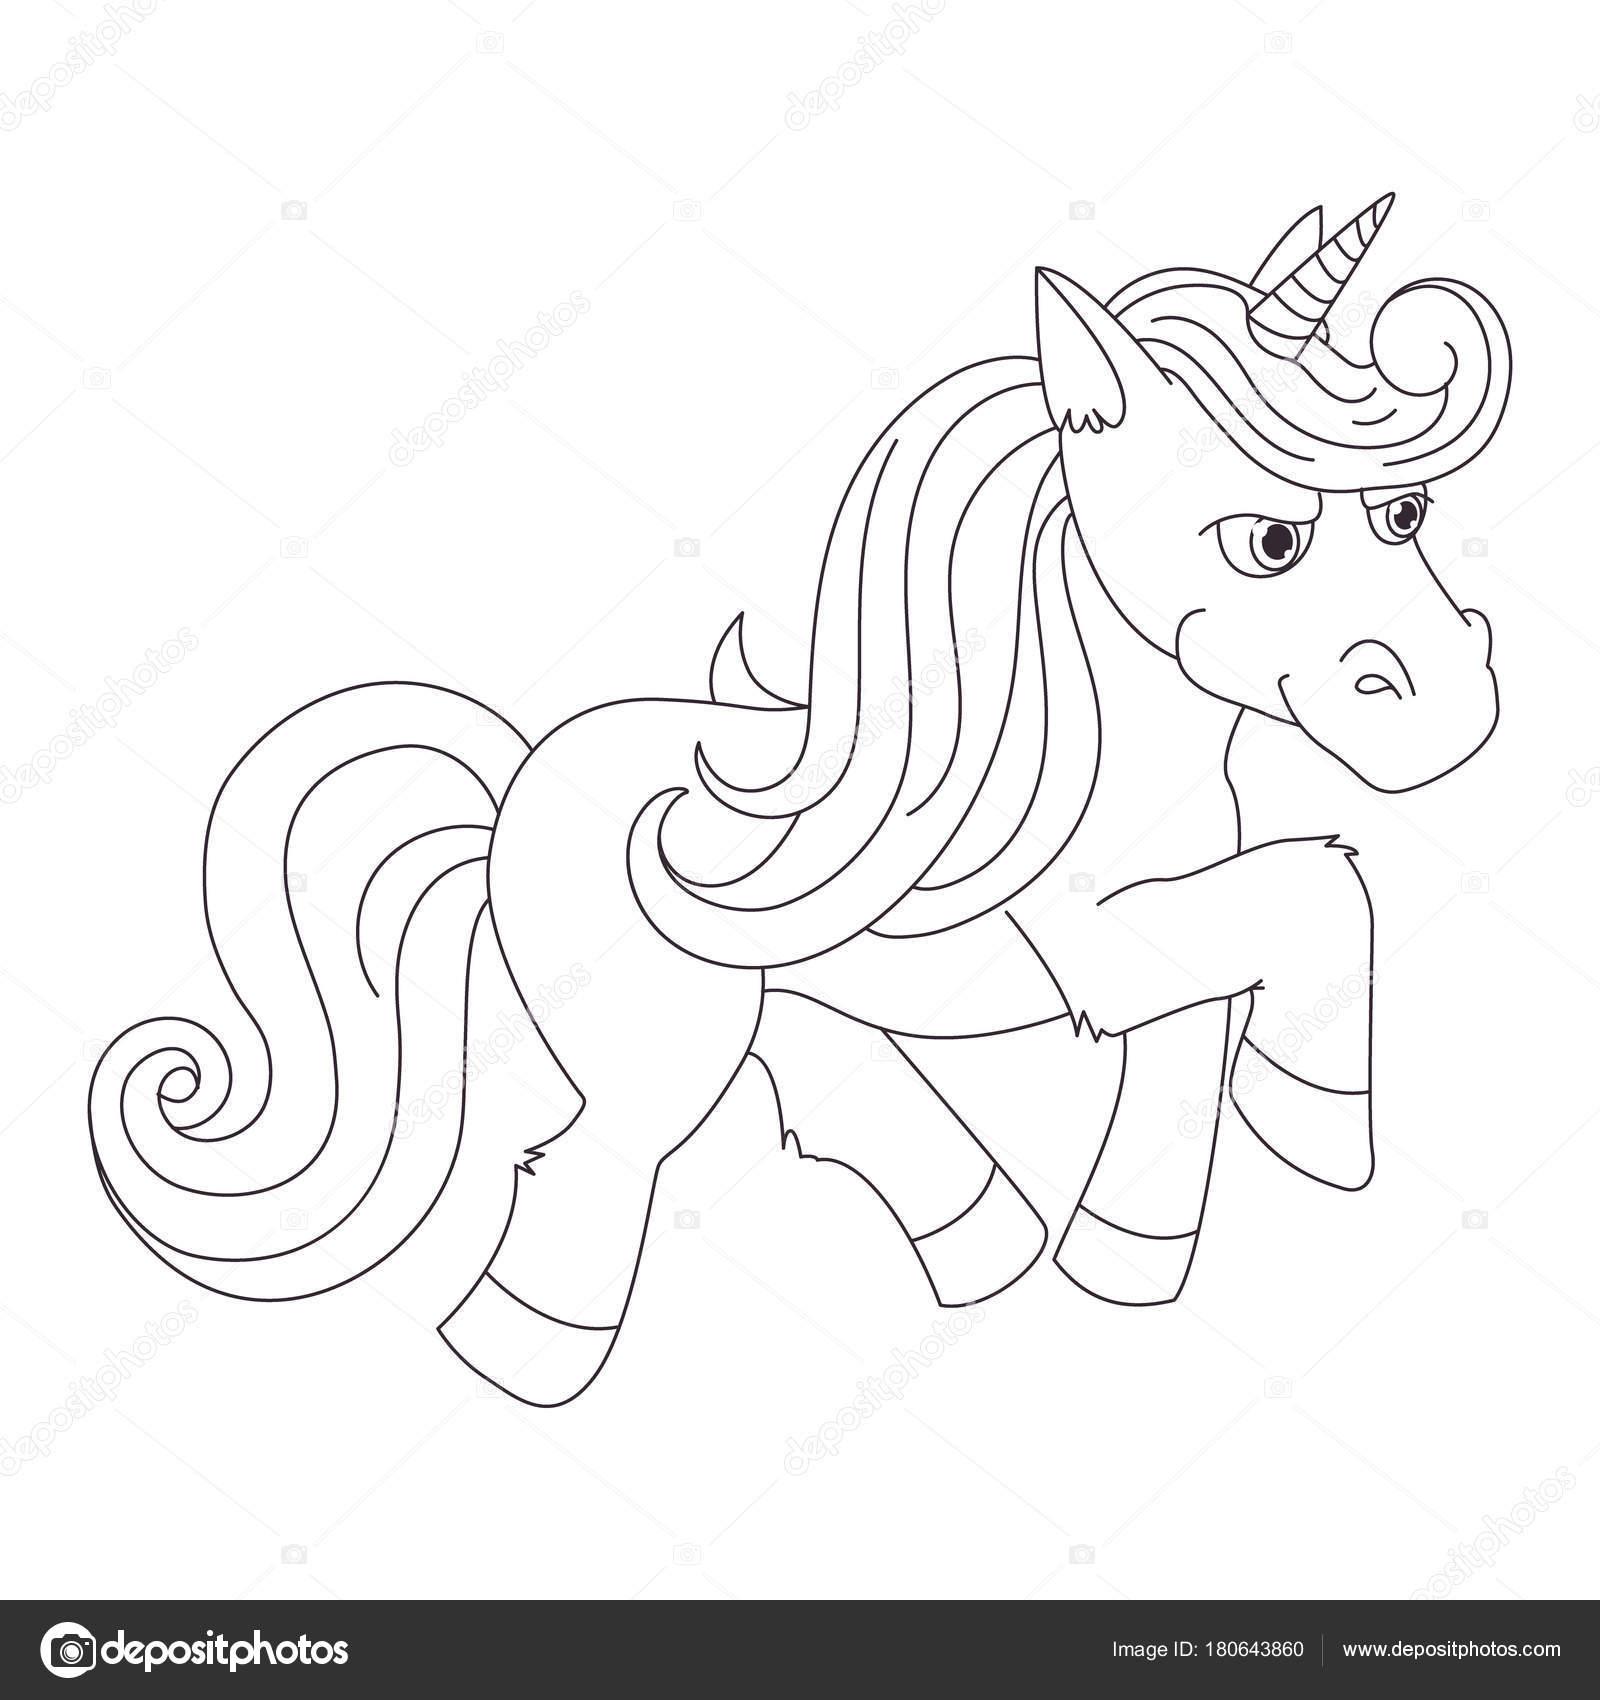 Unicornio, Ilustración lino dibujado a mano vector logotipo, libro ...